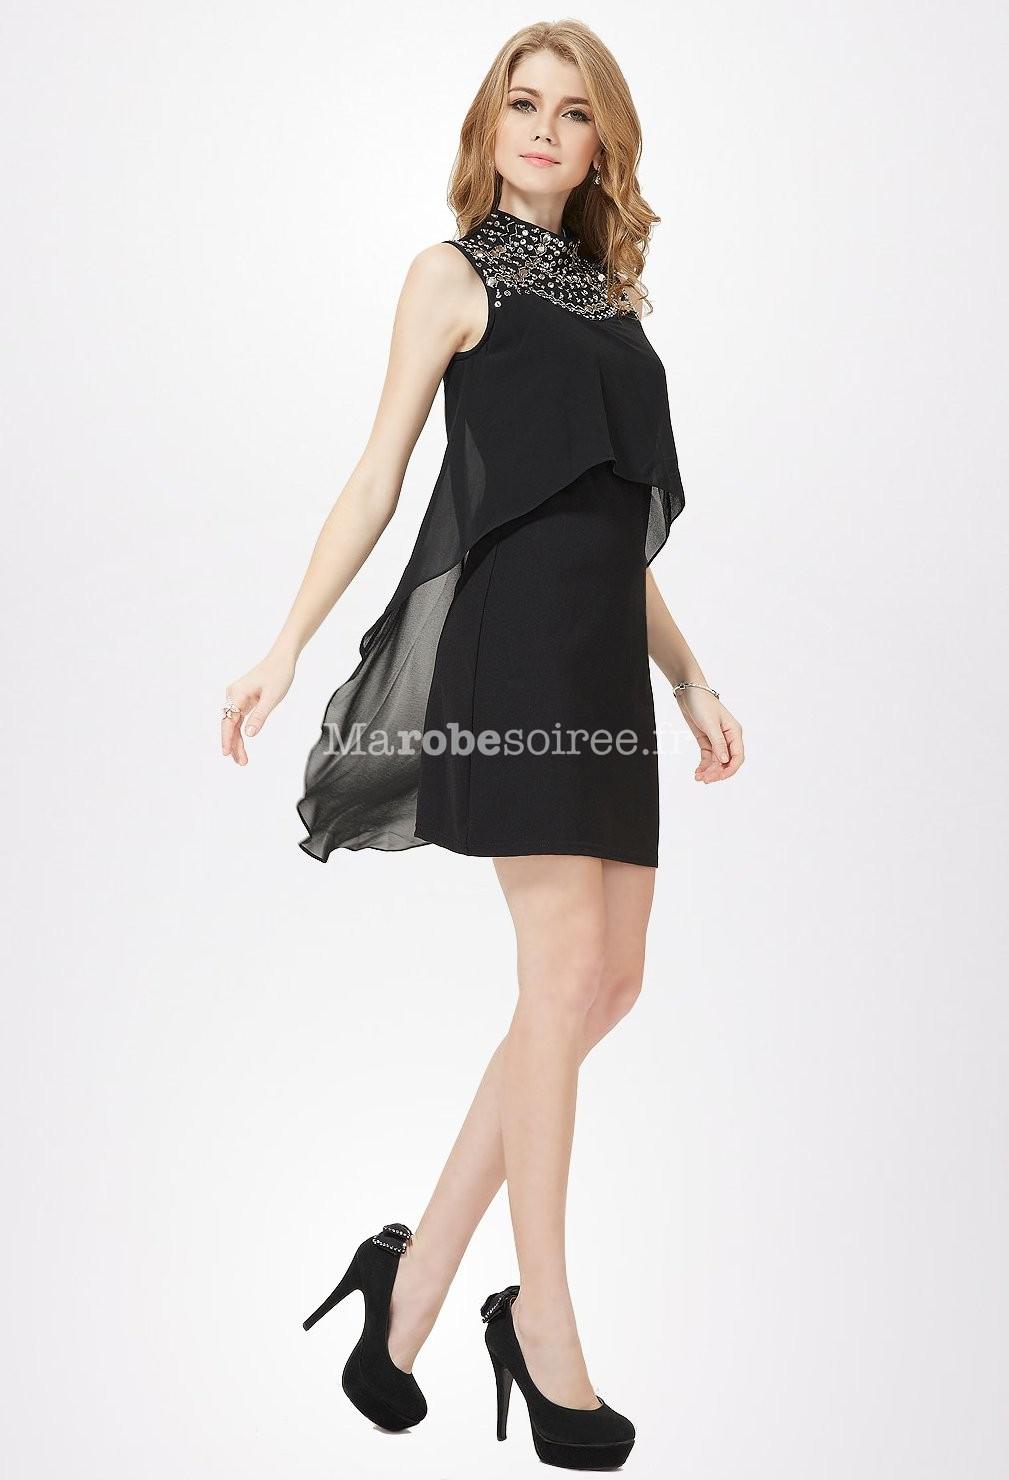 petite robe noire avec col en bijoux en mousseline With robe marié avec bijoux soirée